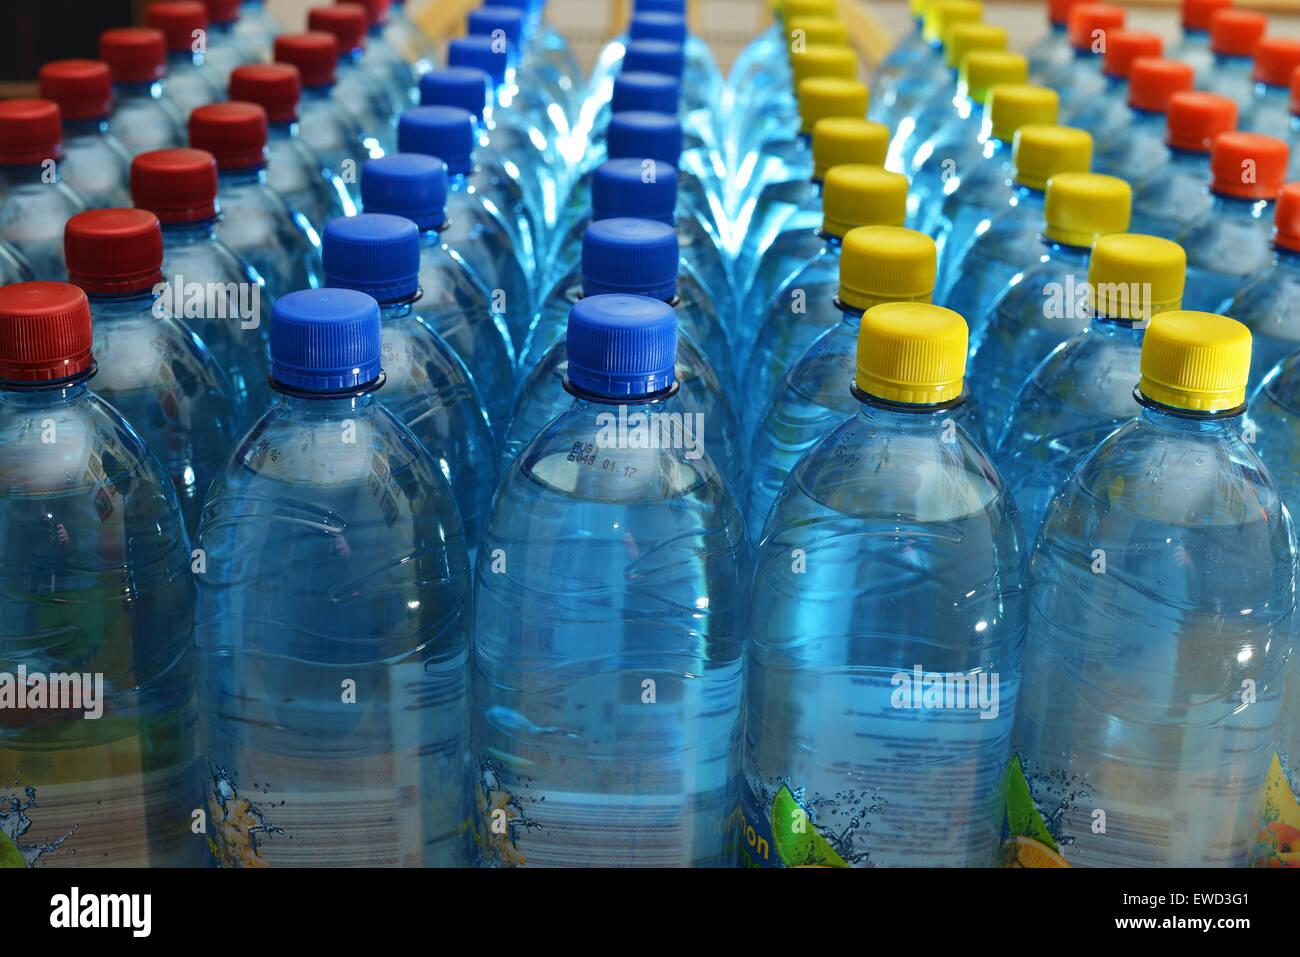 Plastic bottles - Stock Image